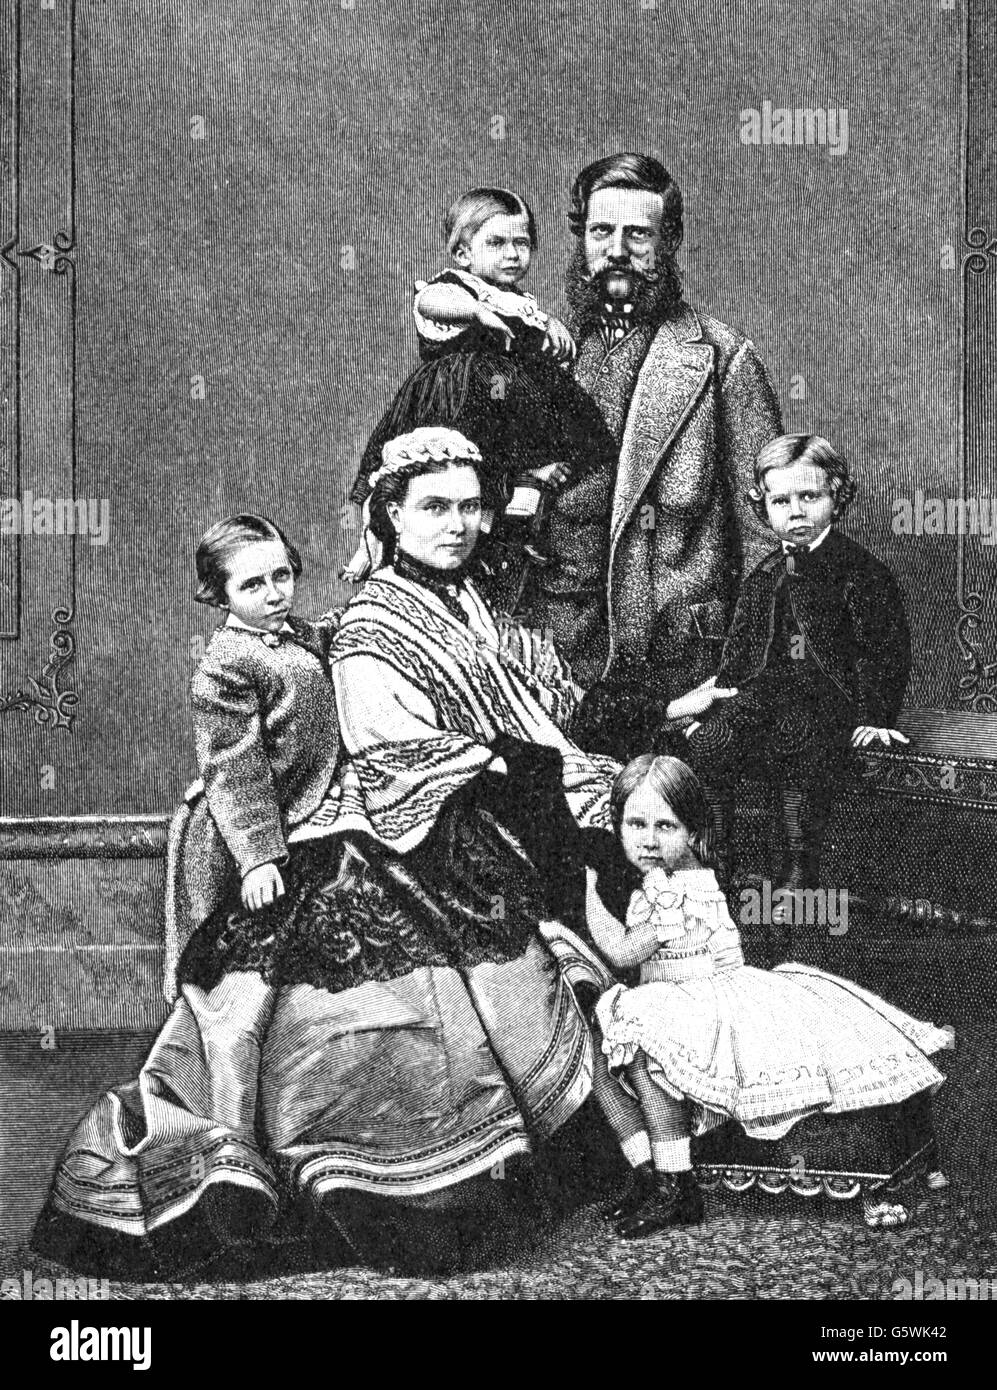 Federico Iii, 18.10.1831 - 15.6.1888, Imperatore Tedesco 9.3. - 15.6.1888, con moglie Victoria Adelaide, figli Principe Foto Stock